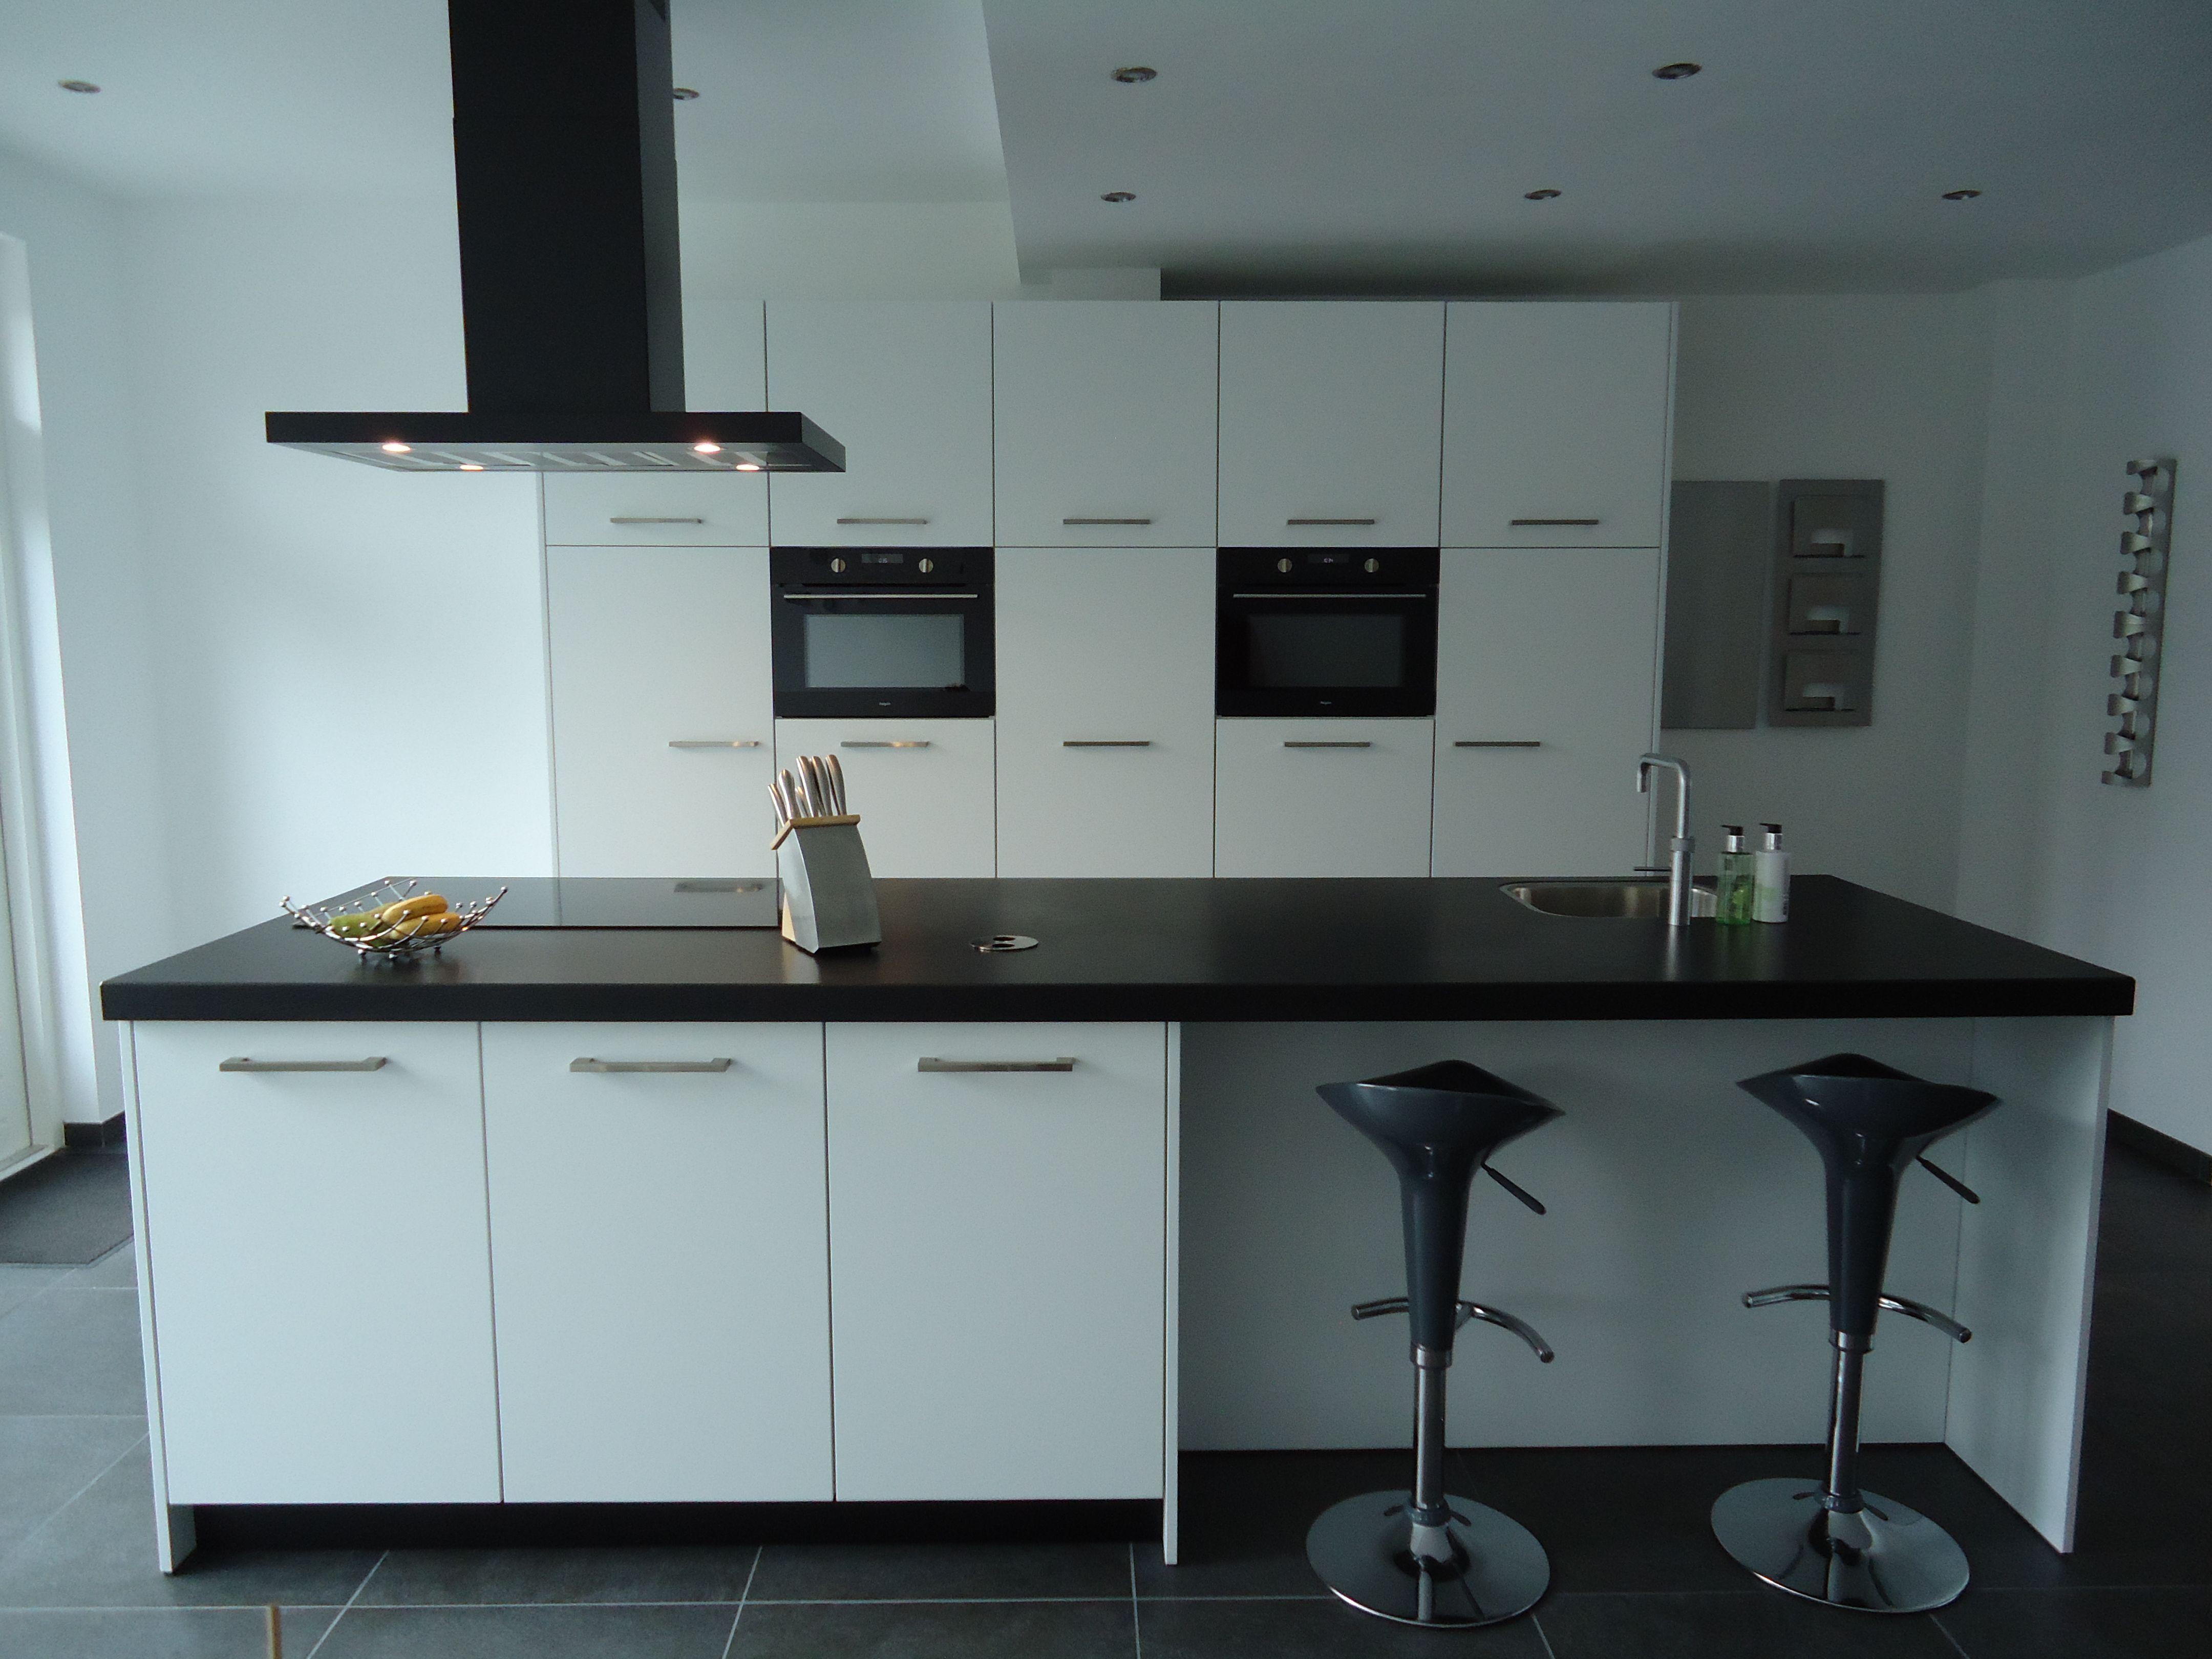 Keukens Den Bosch : Moderne strakke keuken op maat met bosch inbouwapparatuur. mekx